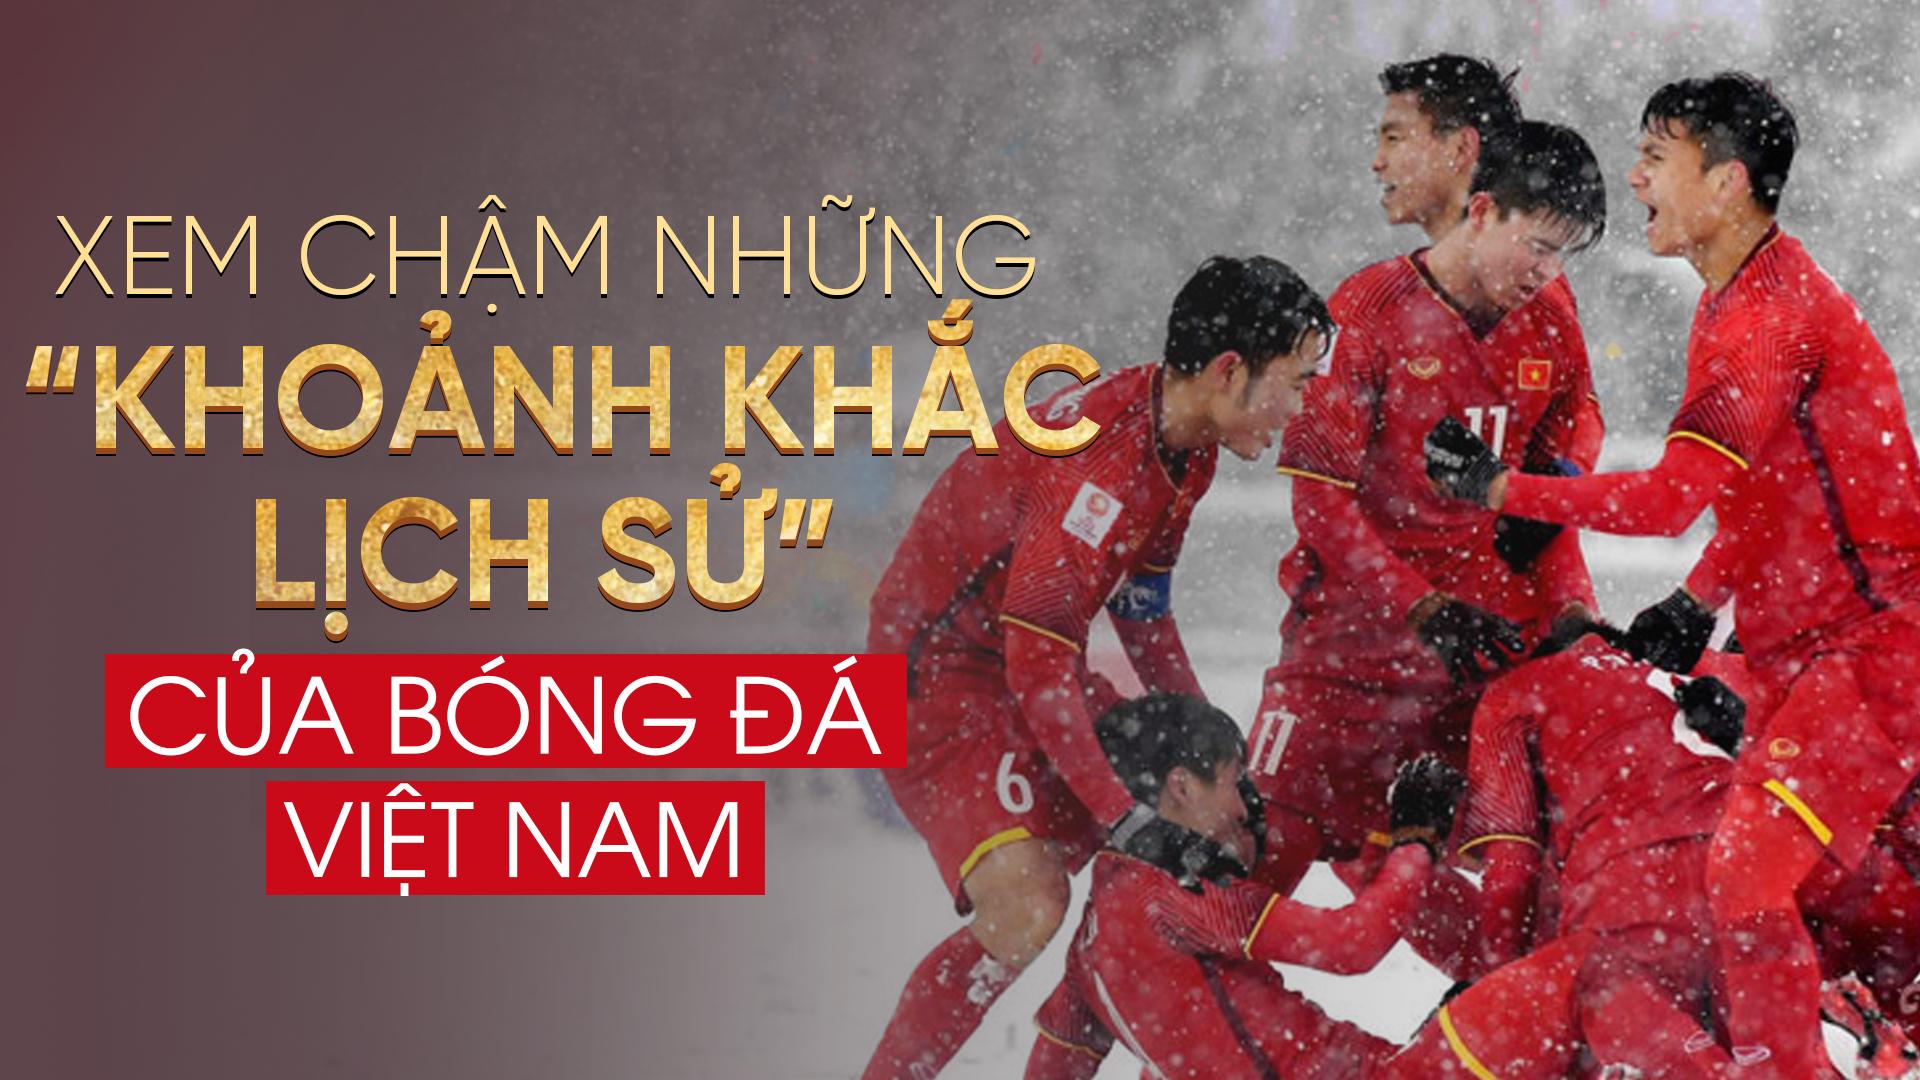 Xem chậm những khoảnh khắc lịch sử của bóng đá Việt Nam